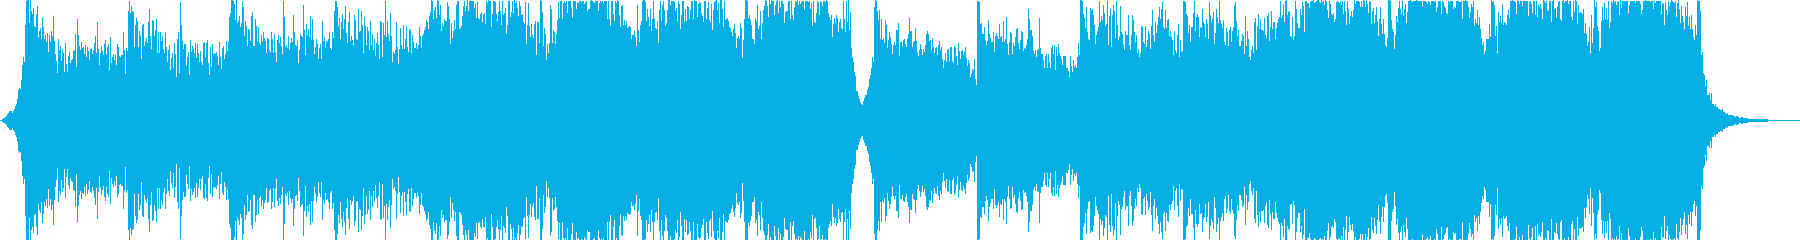 雄大で刺激的な音楽の再生済みの波形